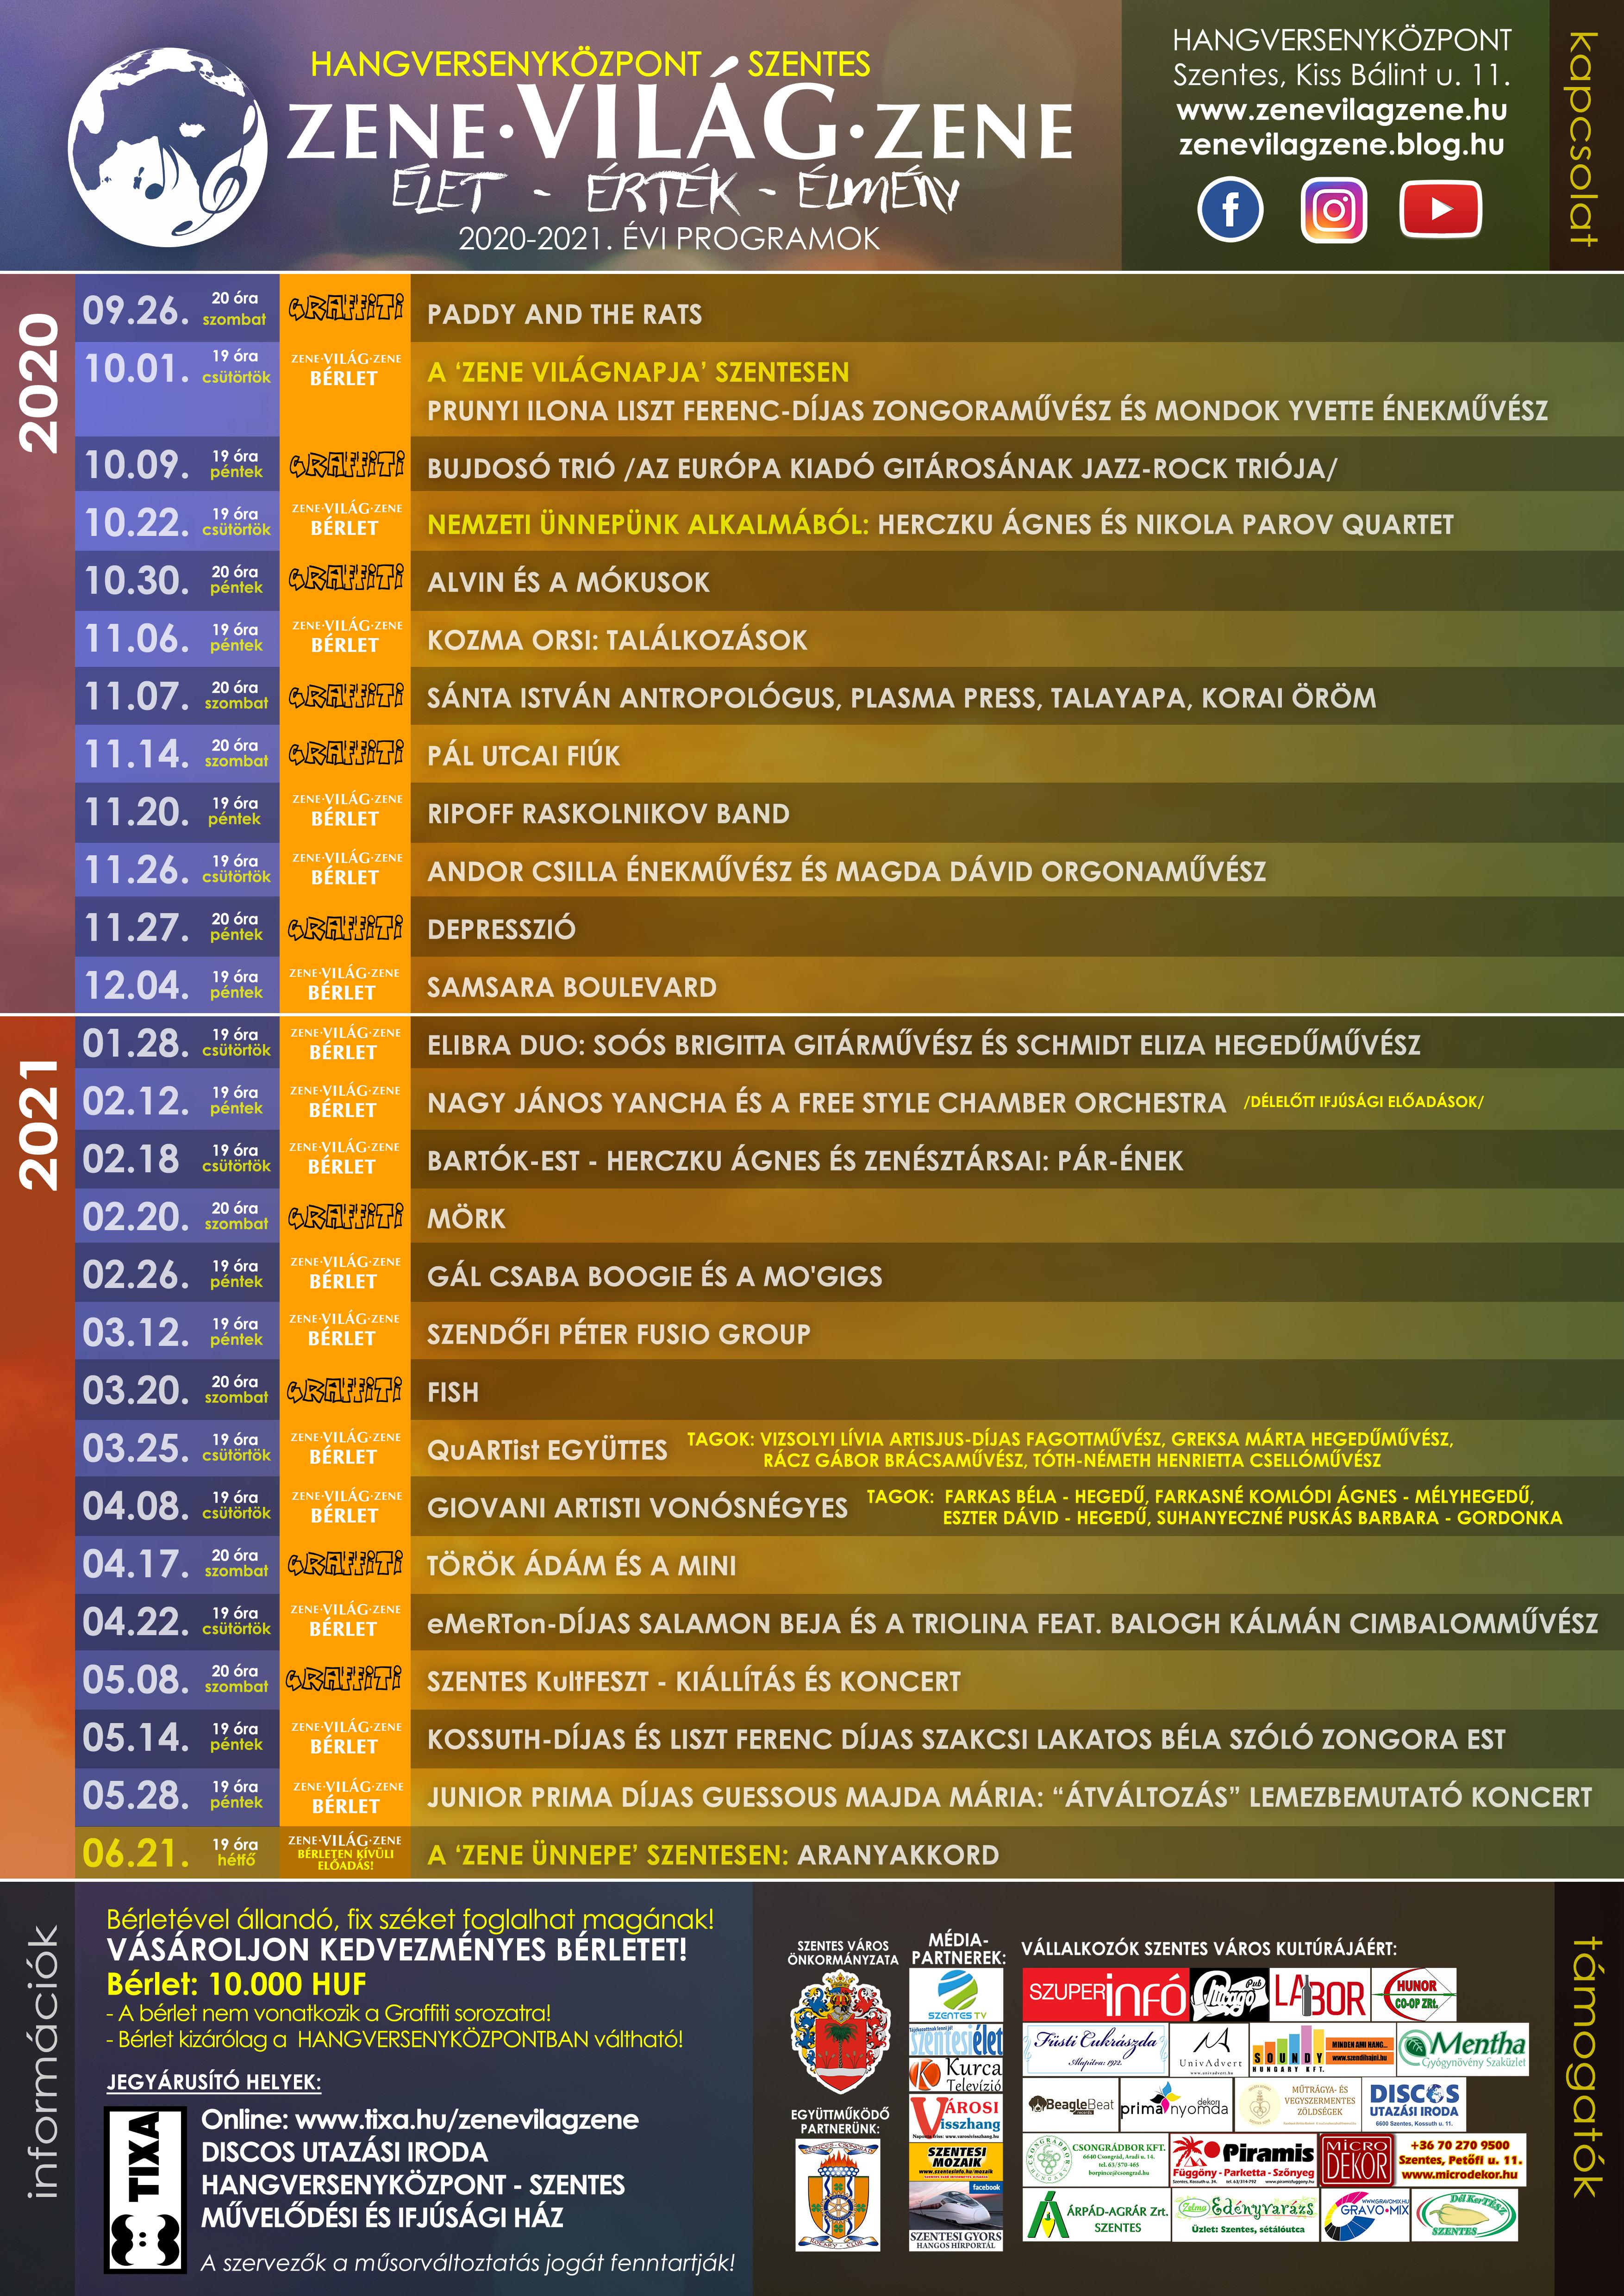 programajanlo2020-2021.jpg